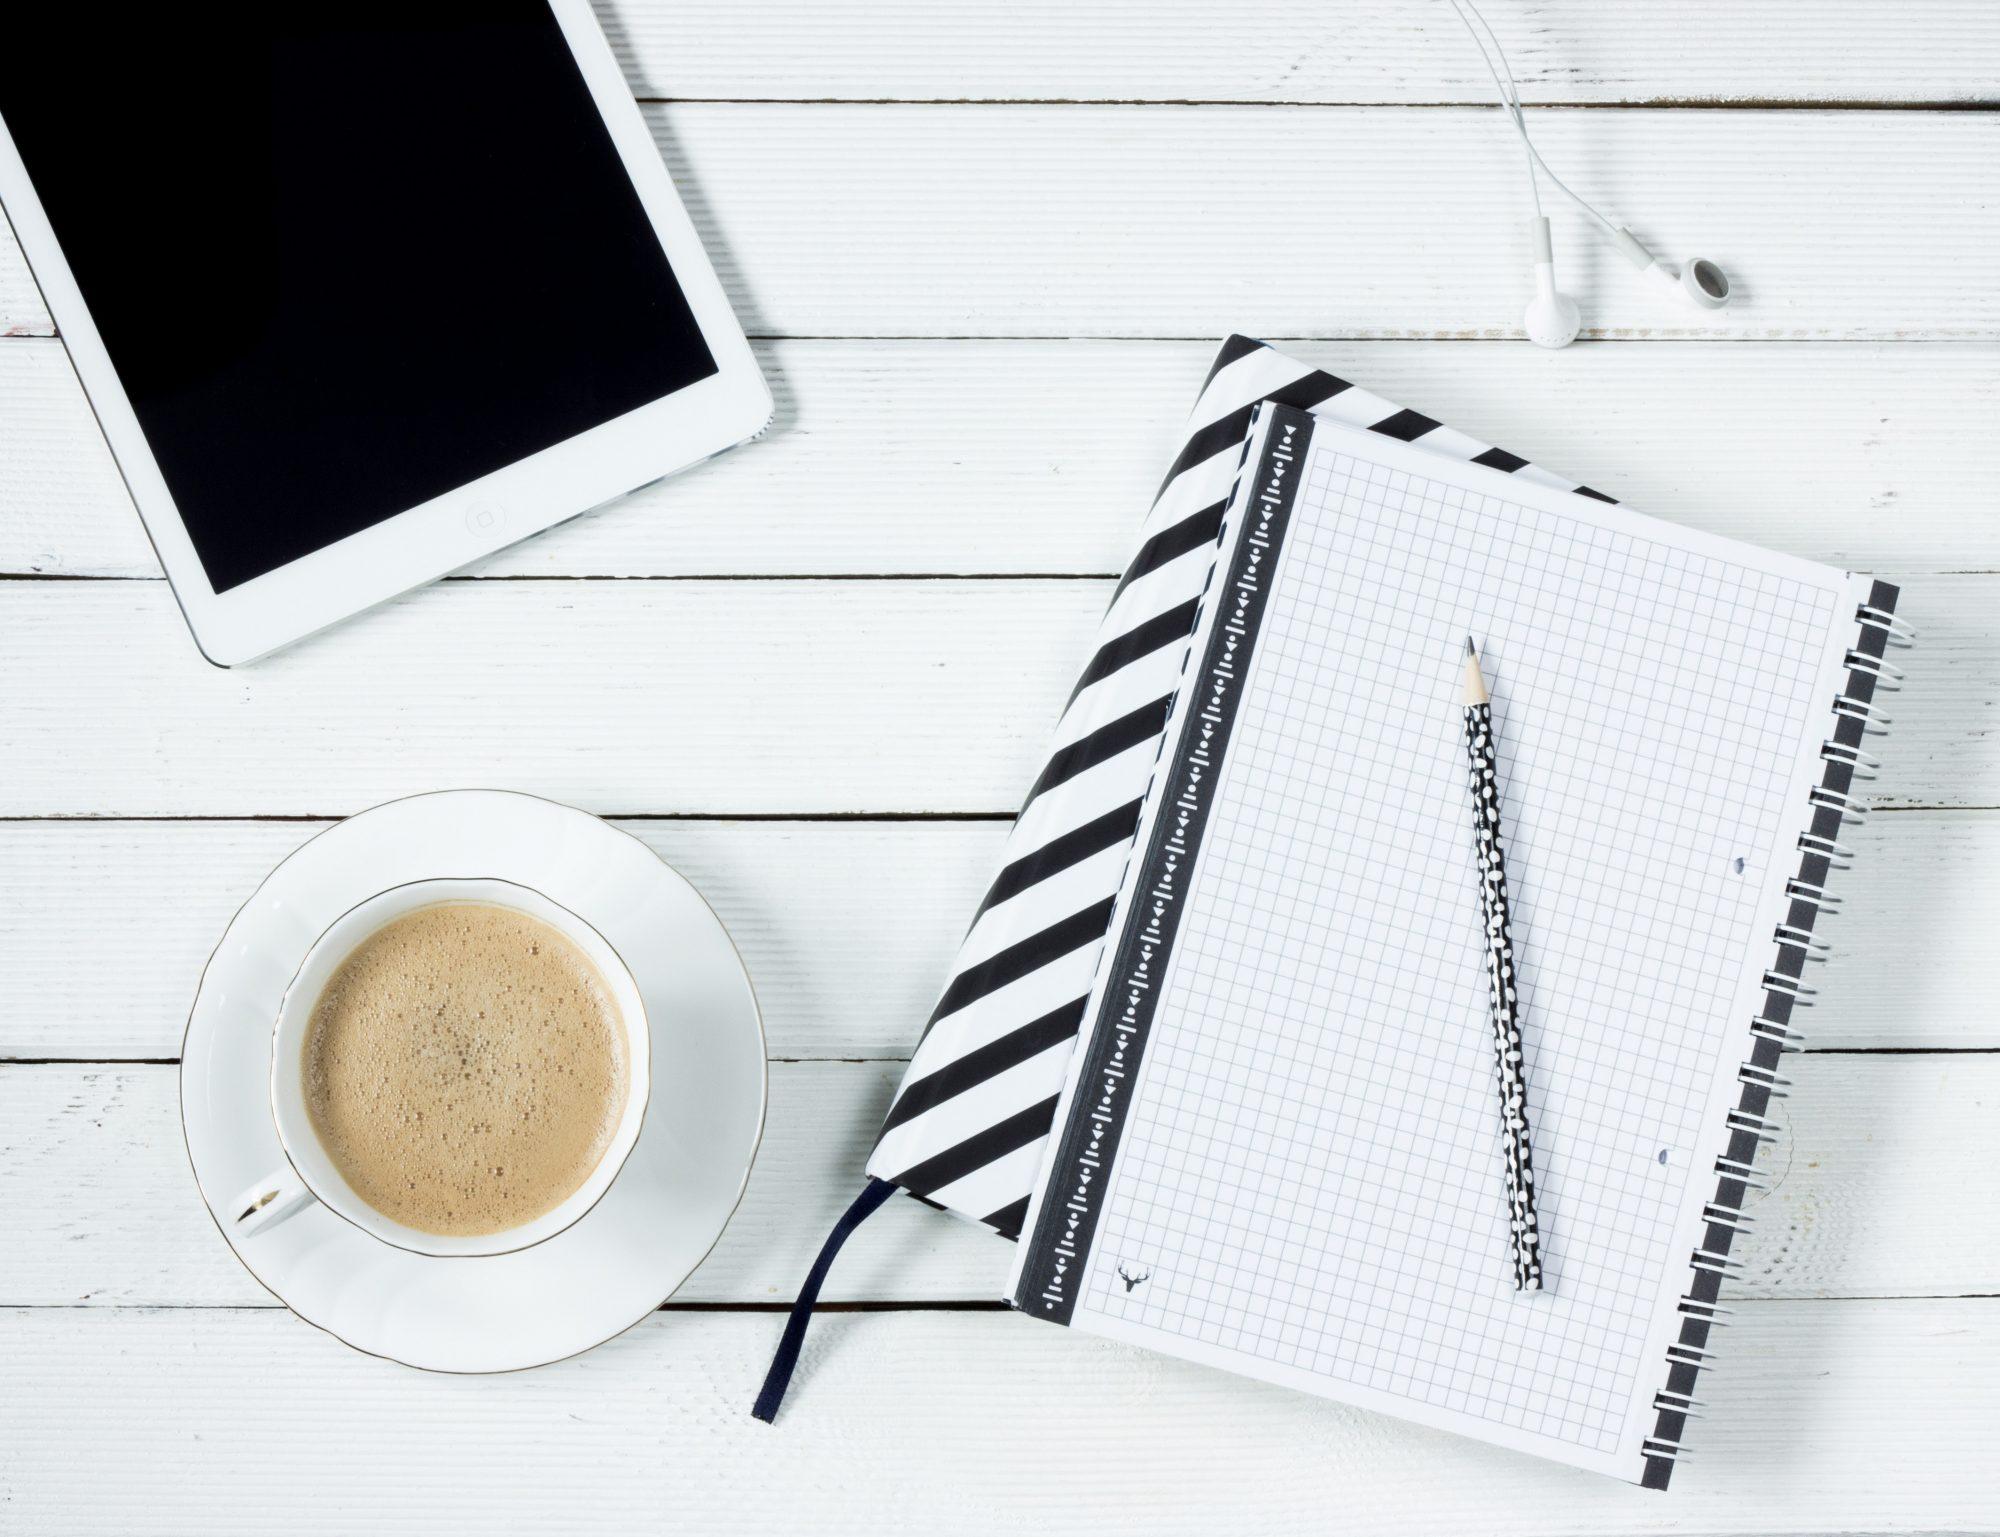 Notizblock, Ipad und Kaffe auf dem Tisch